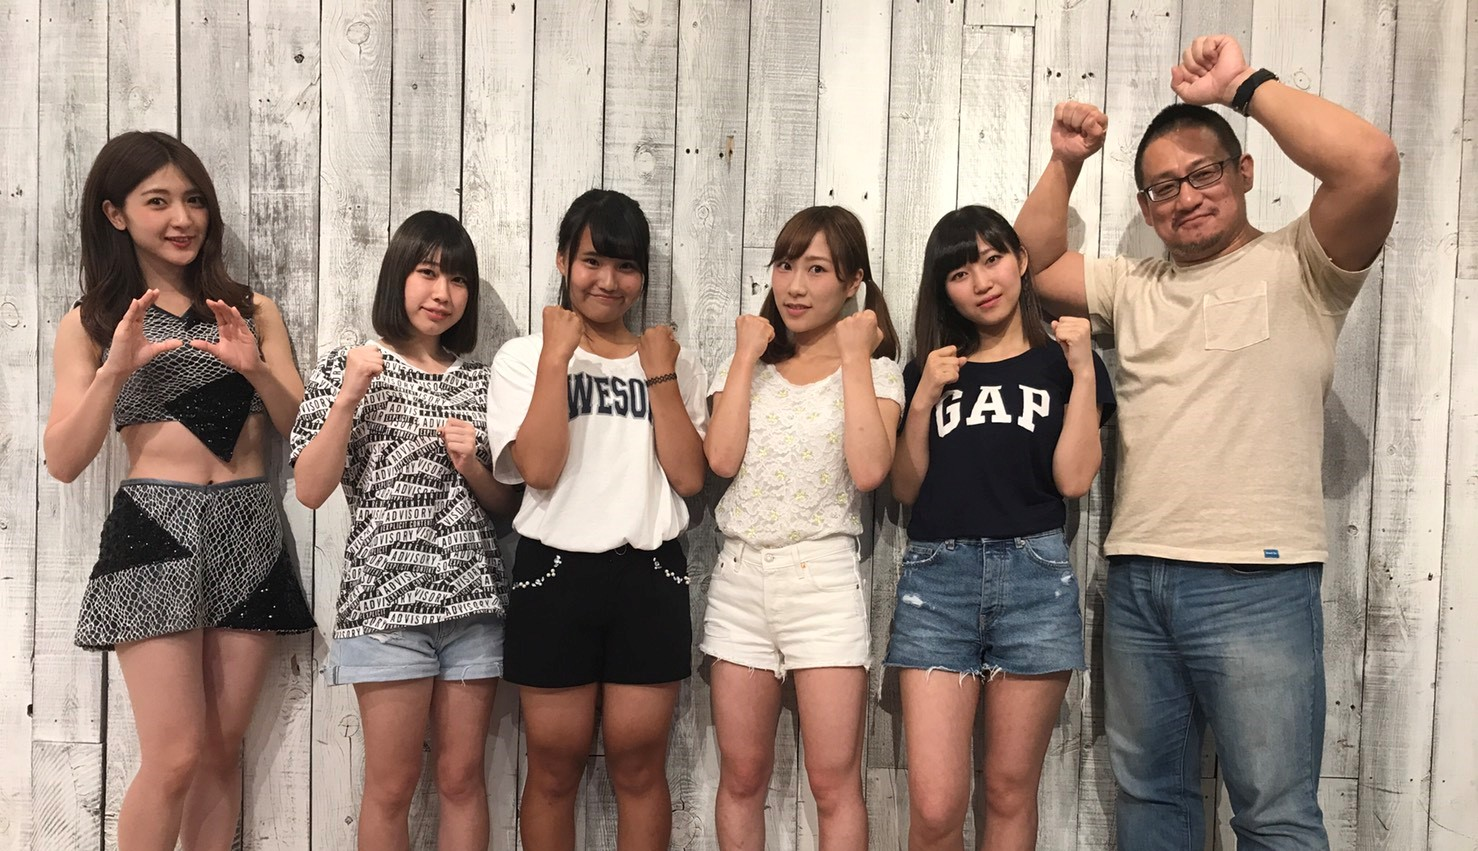 【東京女子プロレス】アップアップガールズ(プロレス)の練習生が決定!生オーディションを行い、8.26後楽園 ホール大会でお披露目!